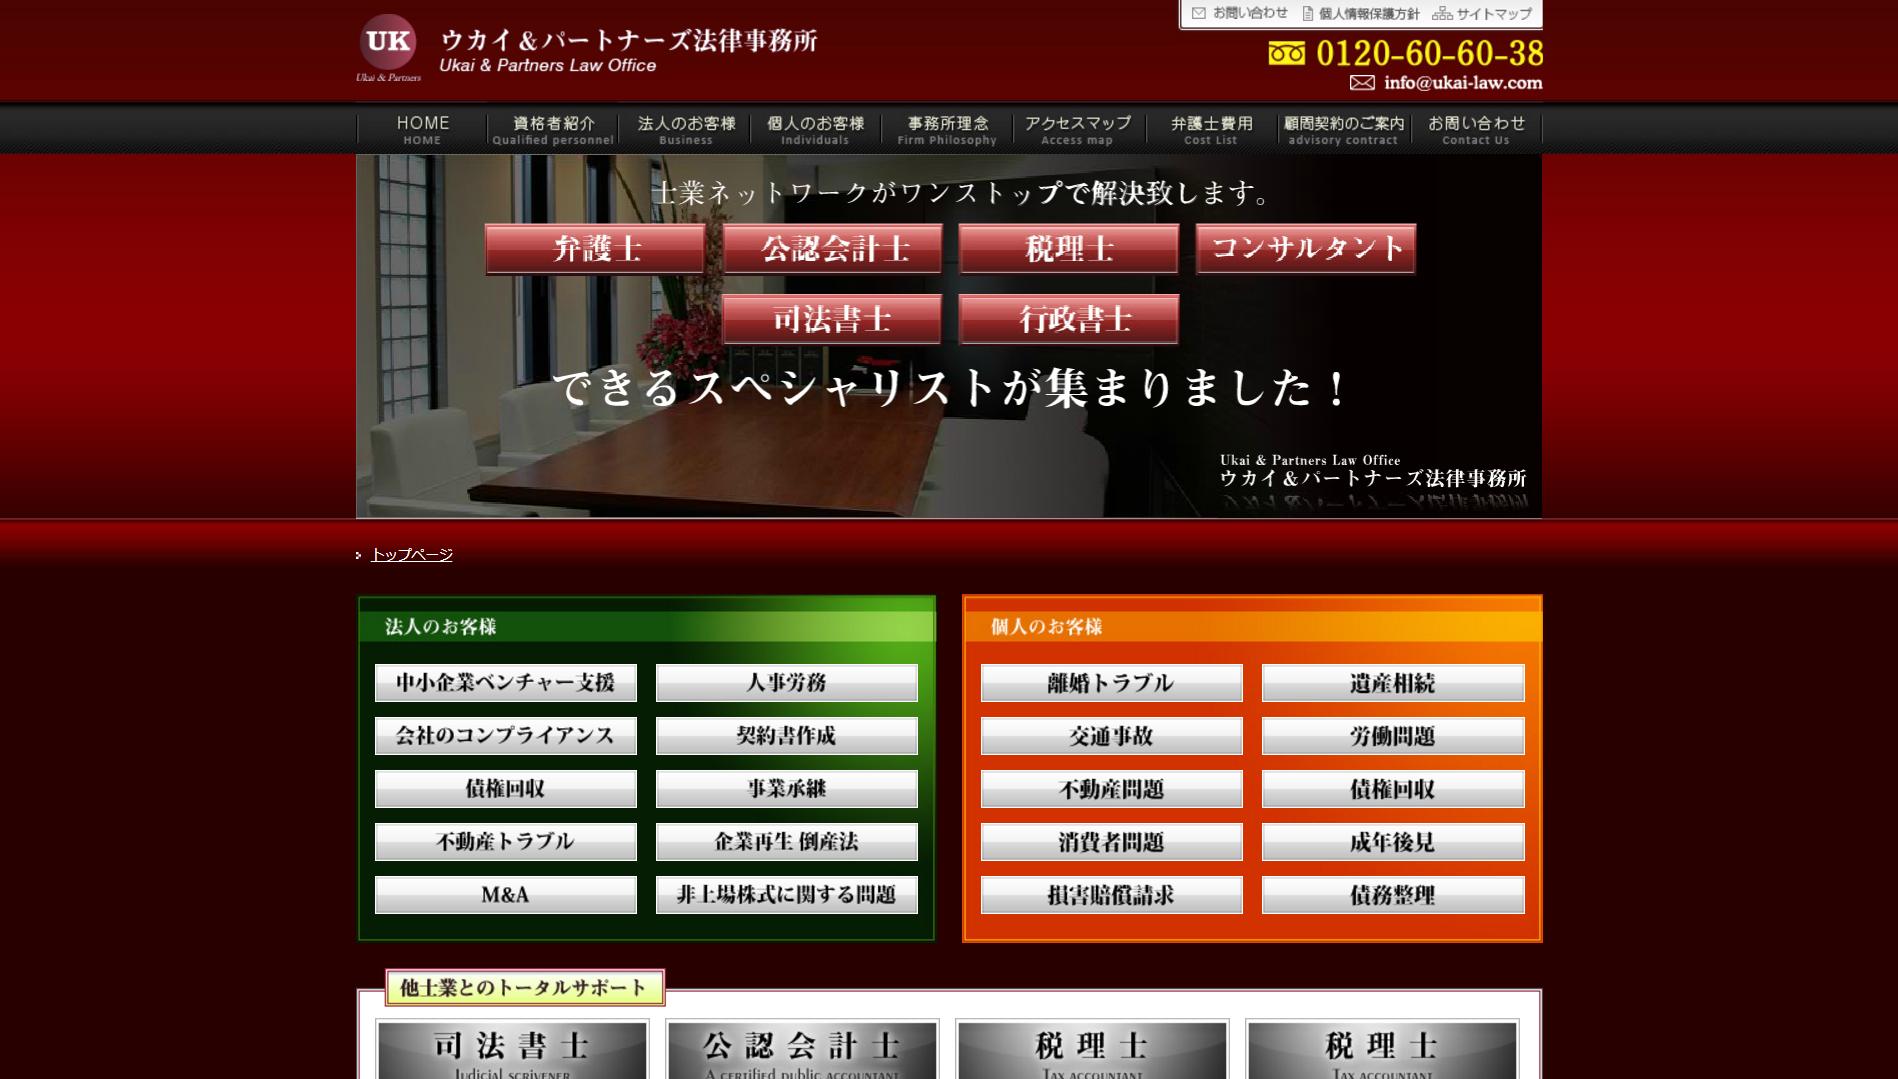 ウカイ&パートナーズ法律事務所(東京都渋谷区桜丘町)